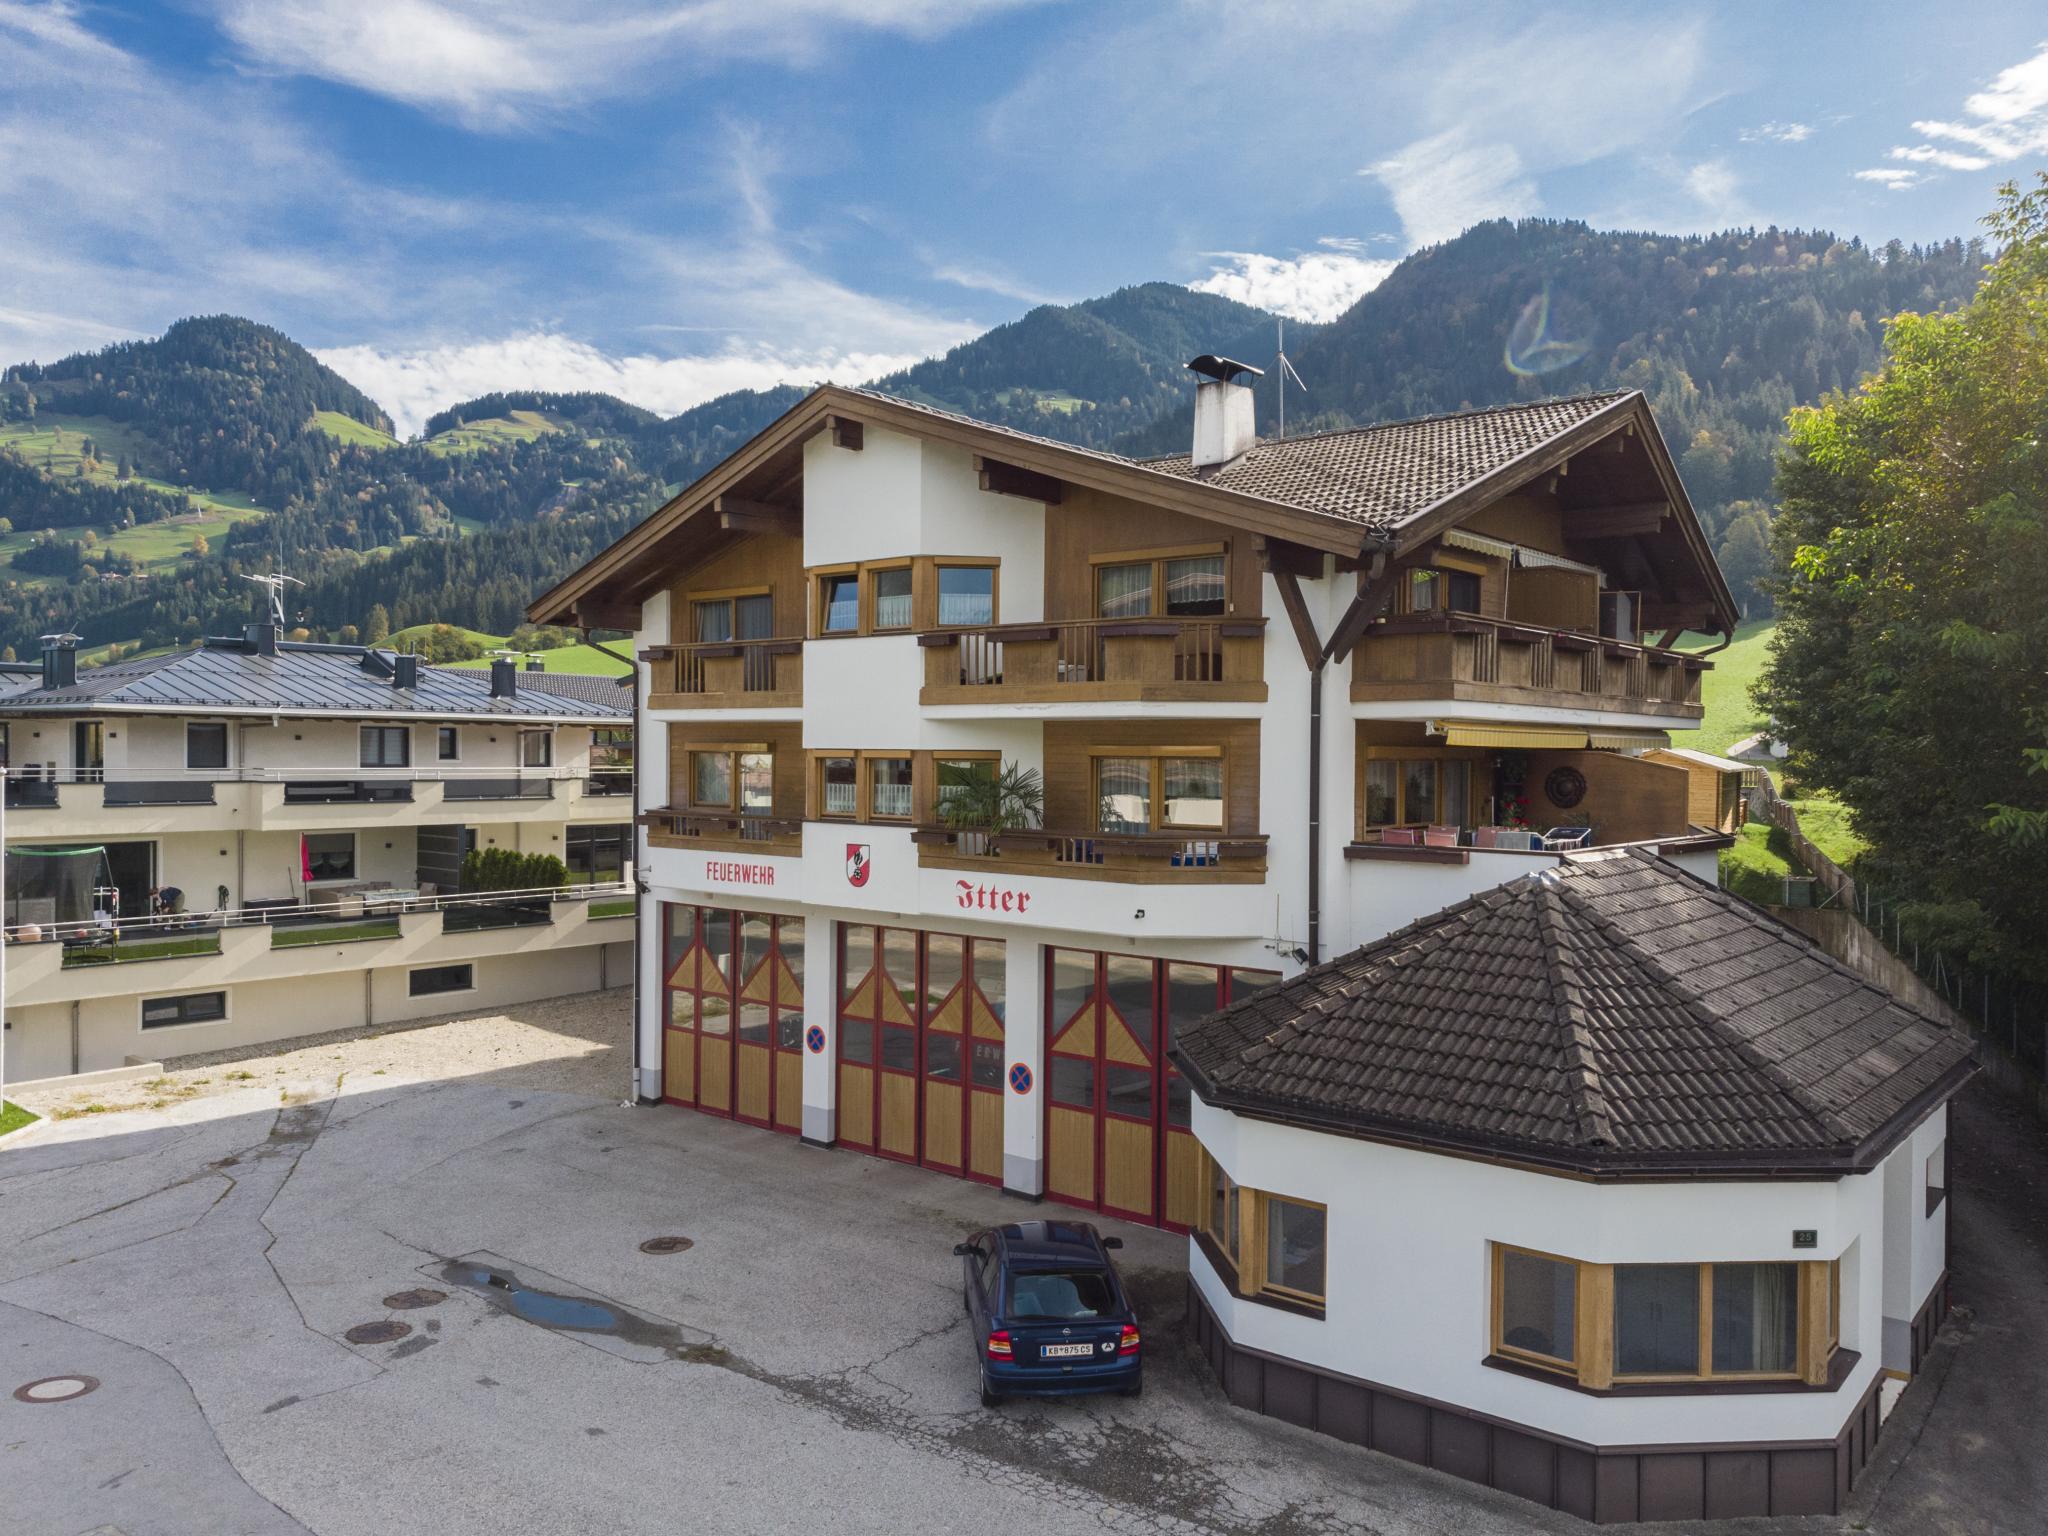 Blick auf Itter Tirol